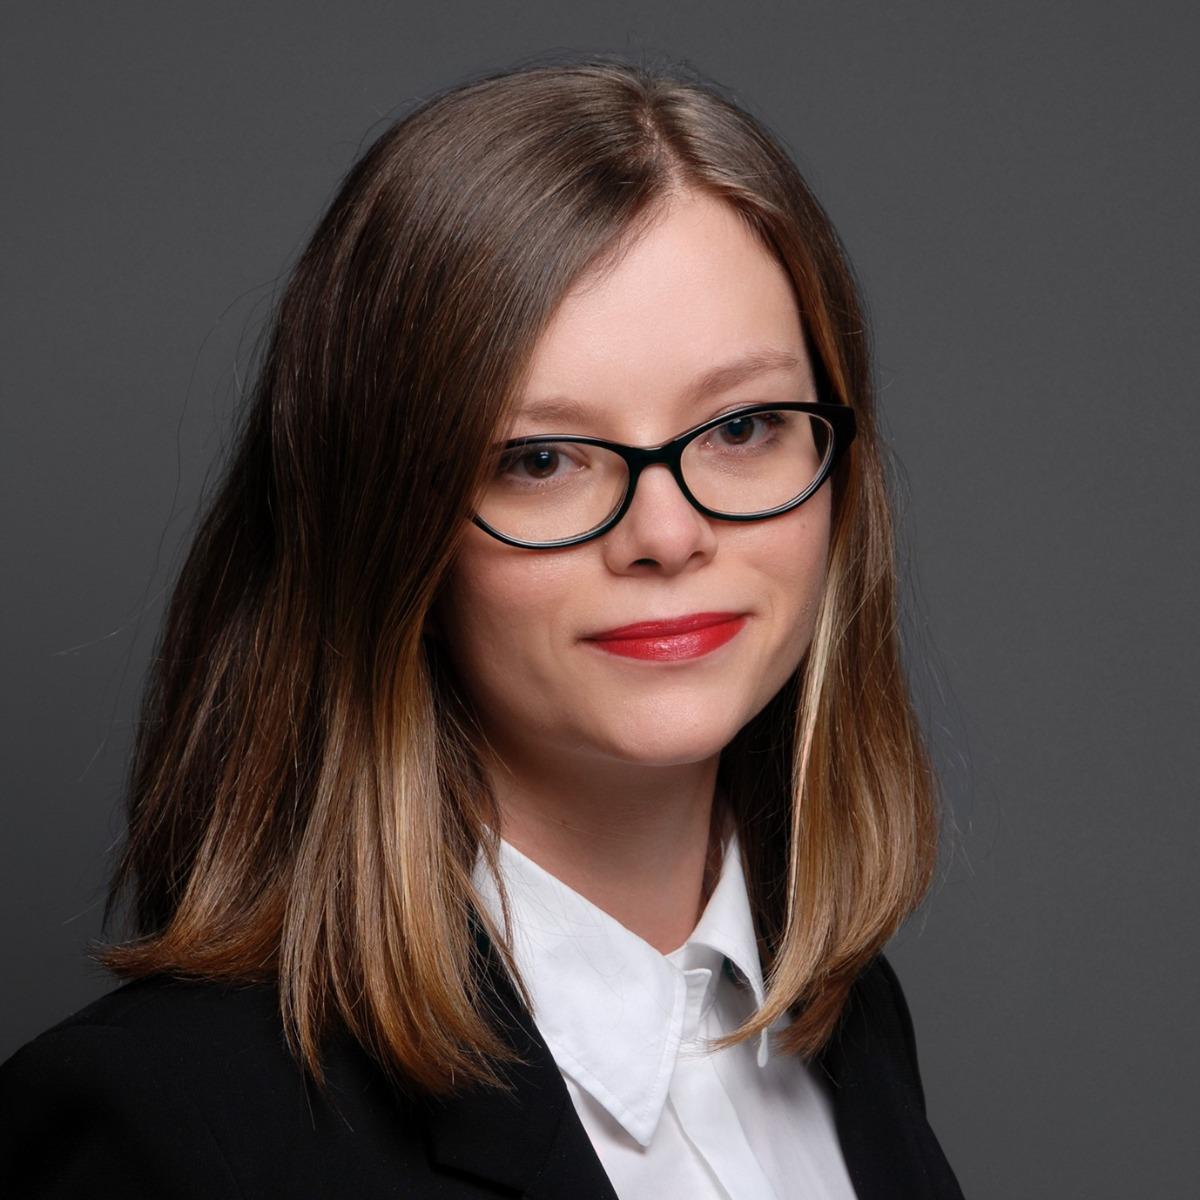 Izabela Rybska